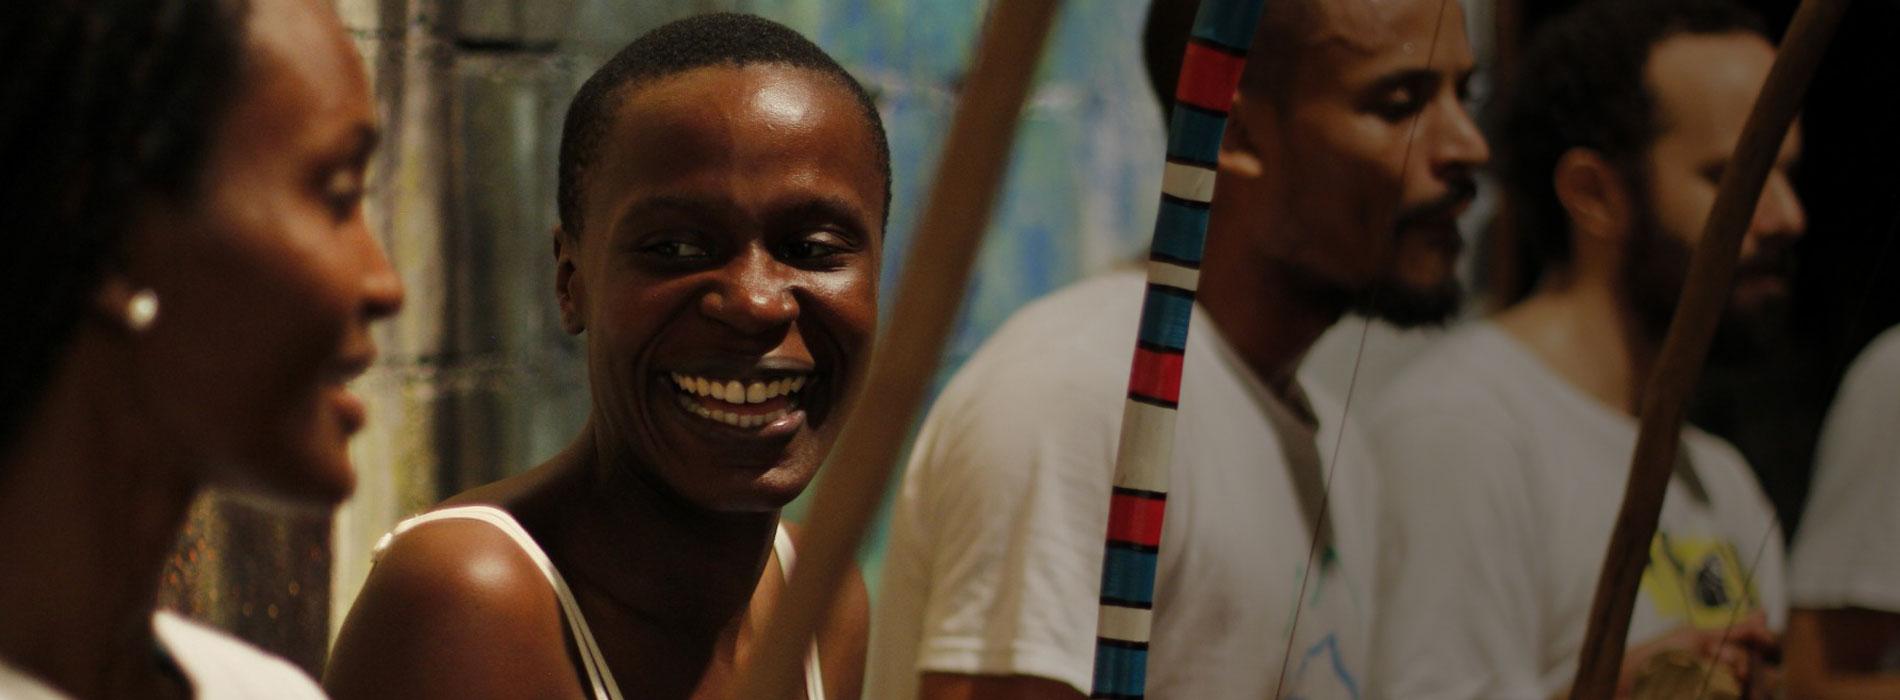 Fotograma del documental Capoeira a dos manos.